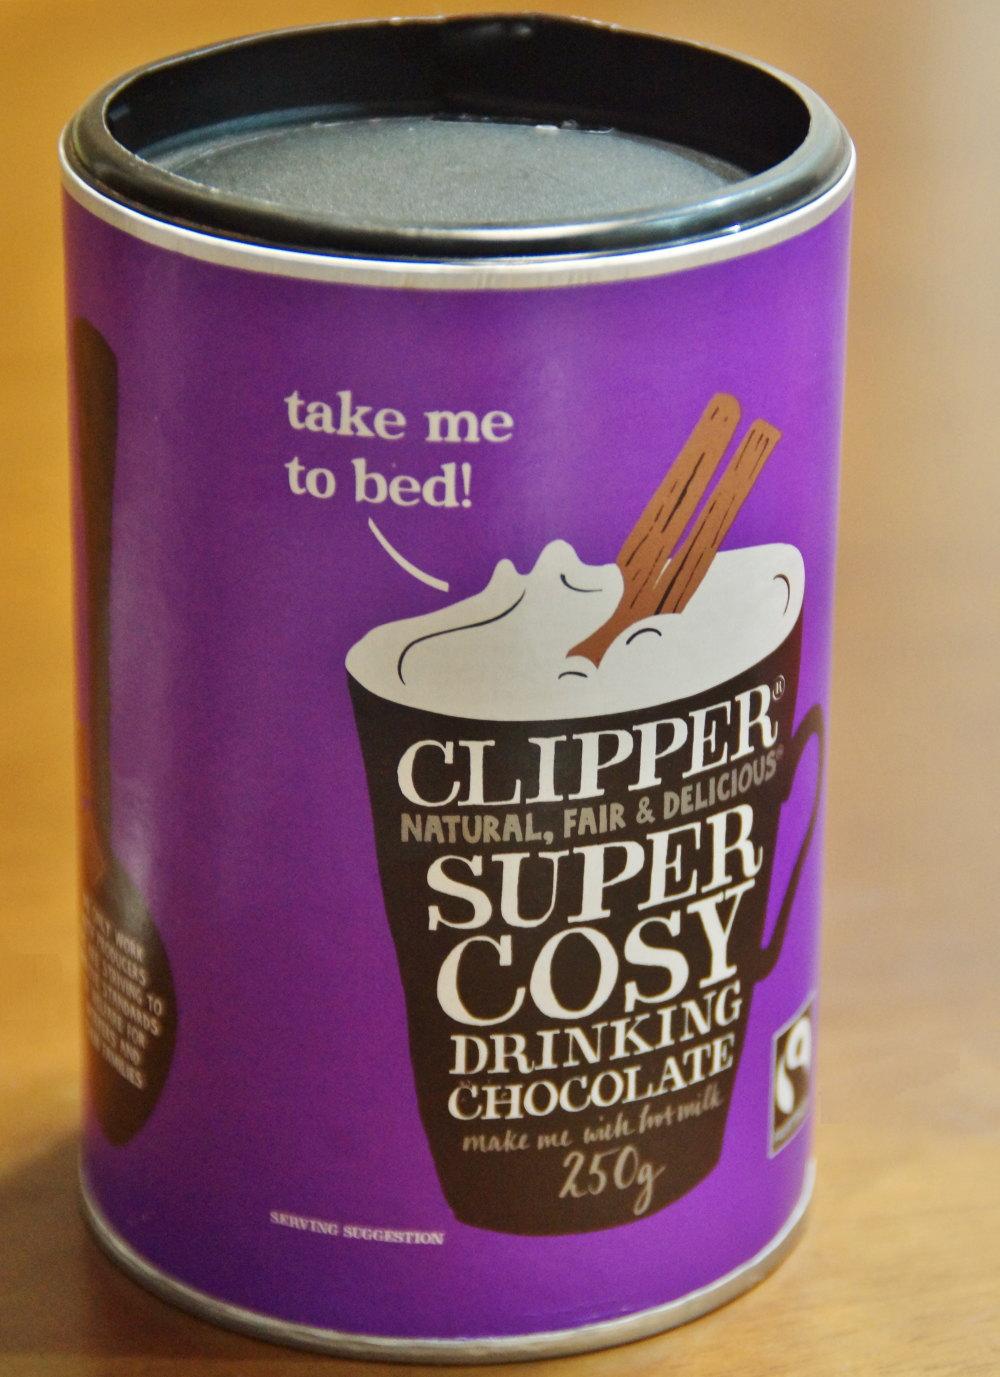 クリッパー フェアトレード ドリンキング チョコレート